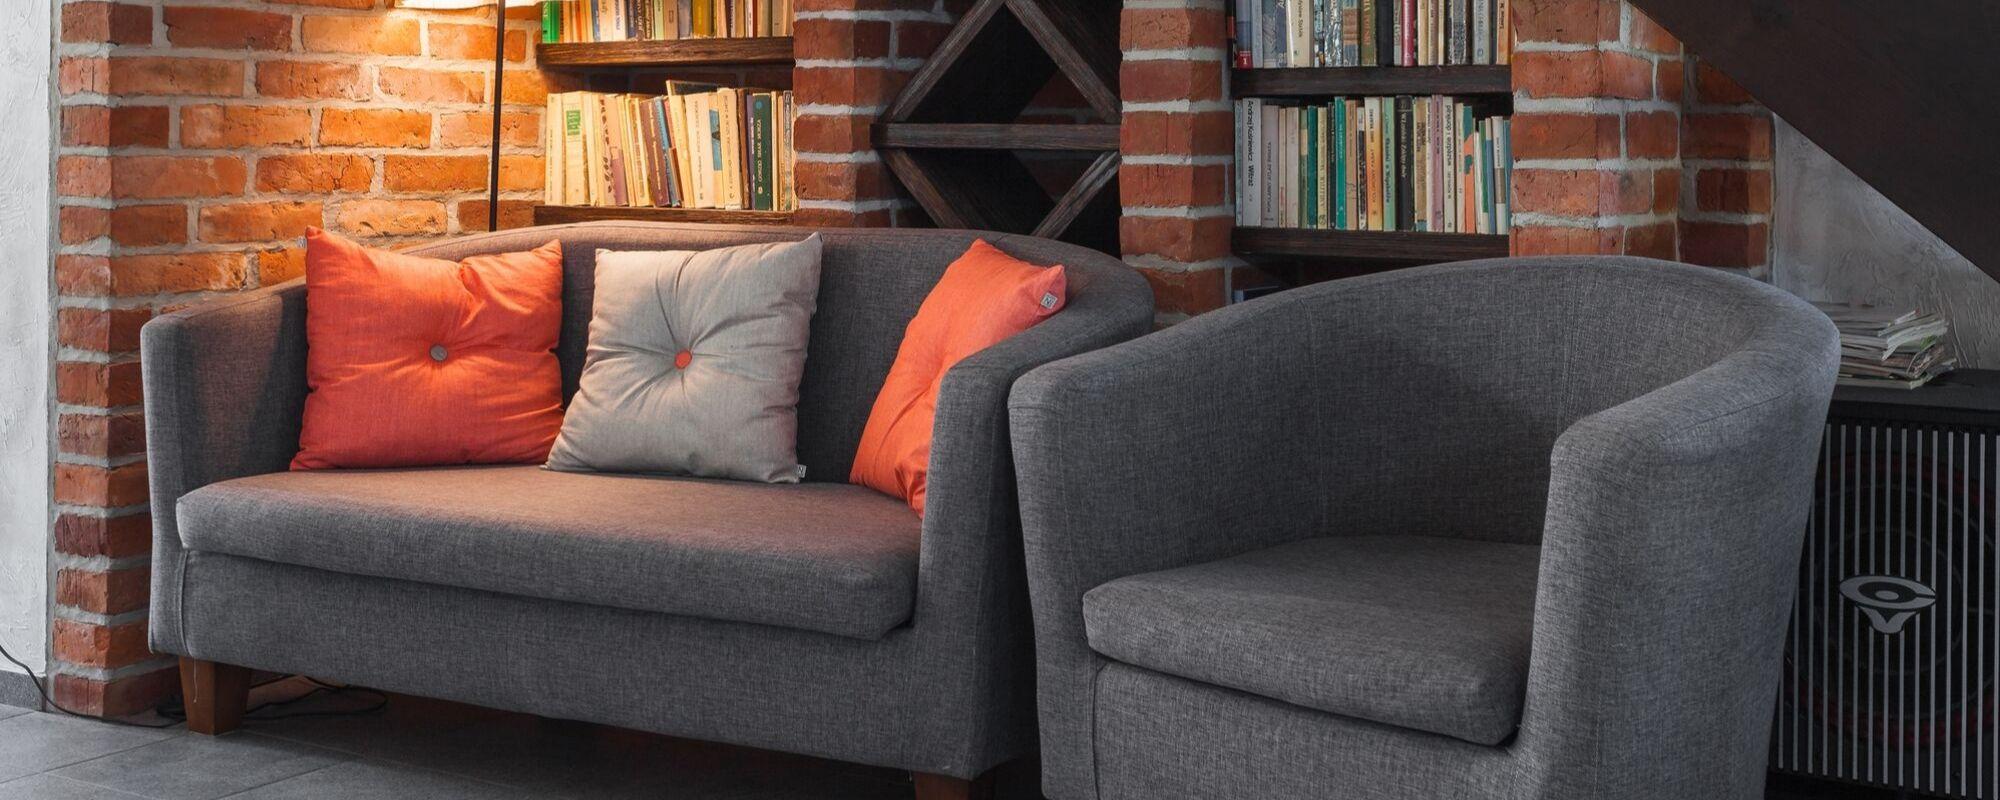 Nettoyer son canapé en tissu naturellement | Galipoli Fabrique